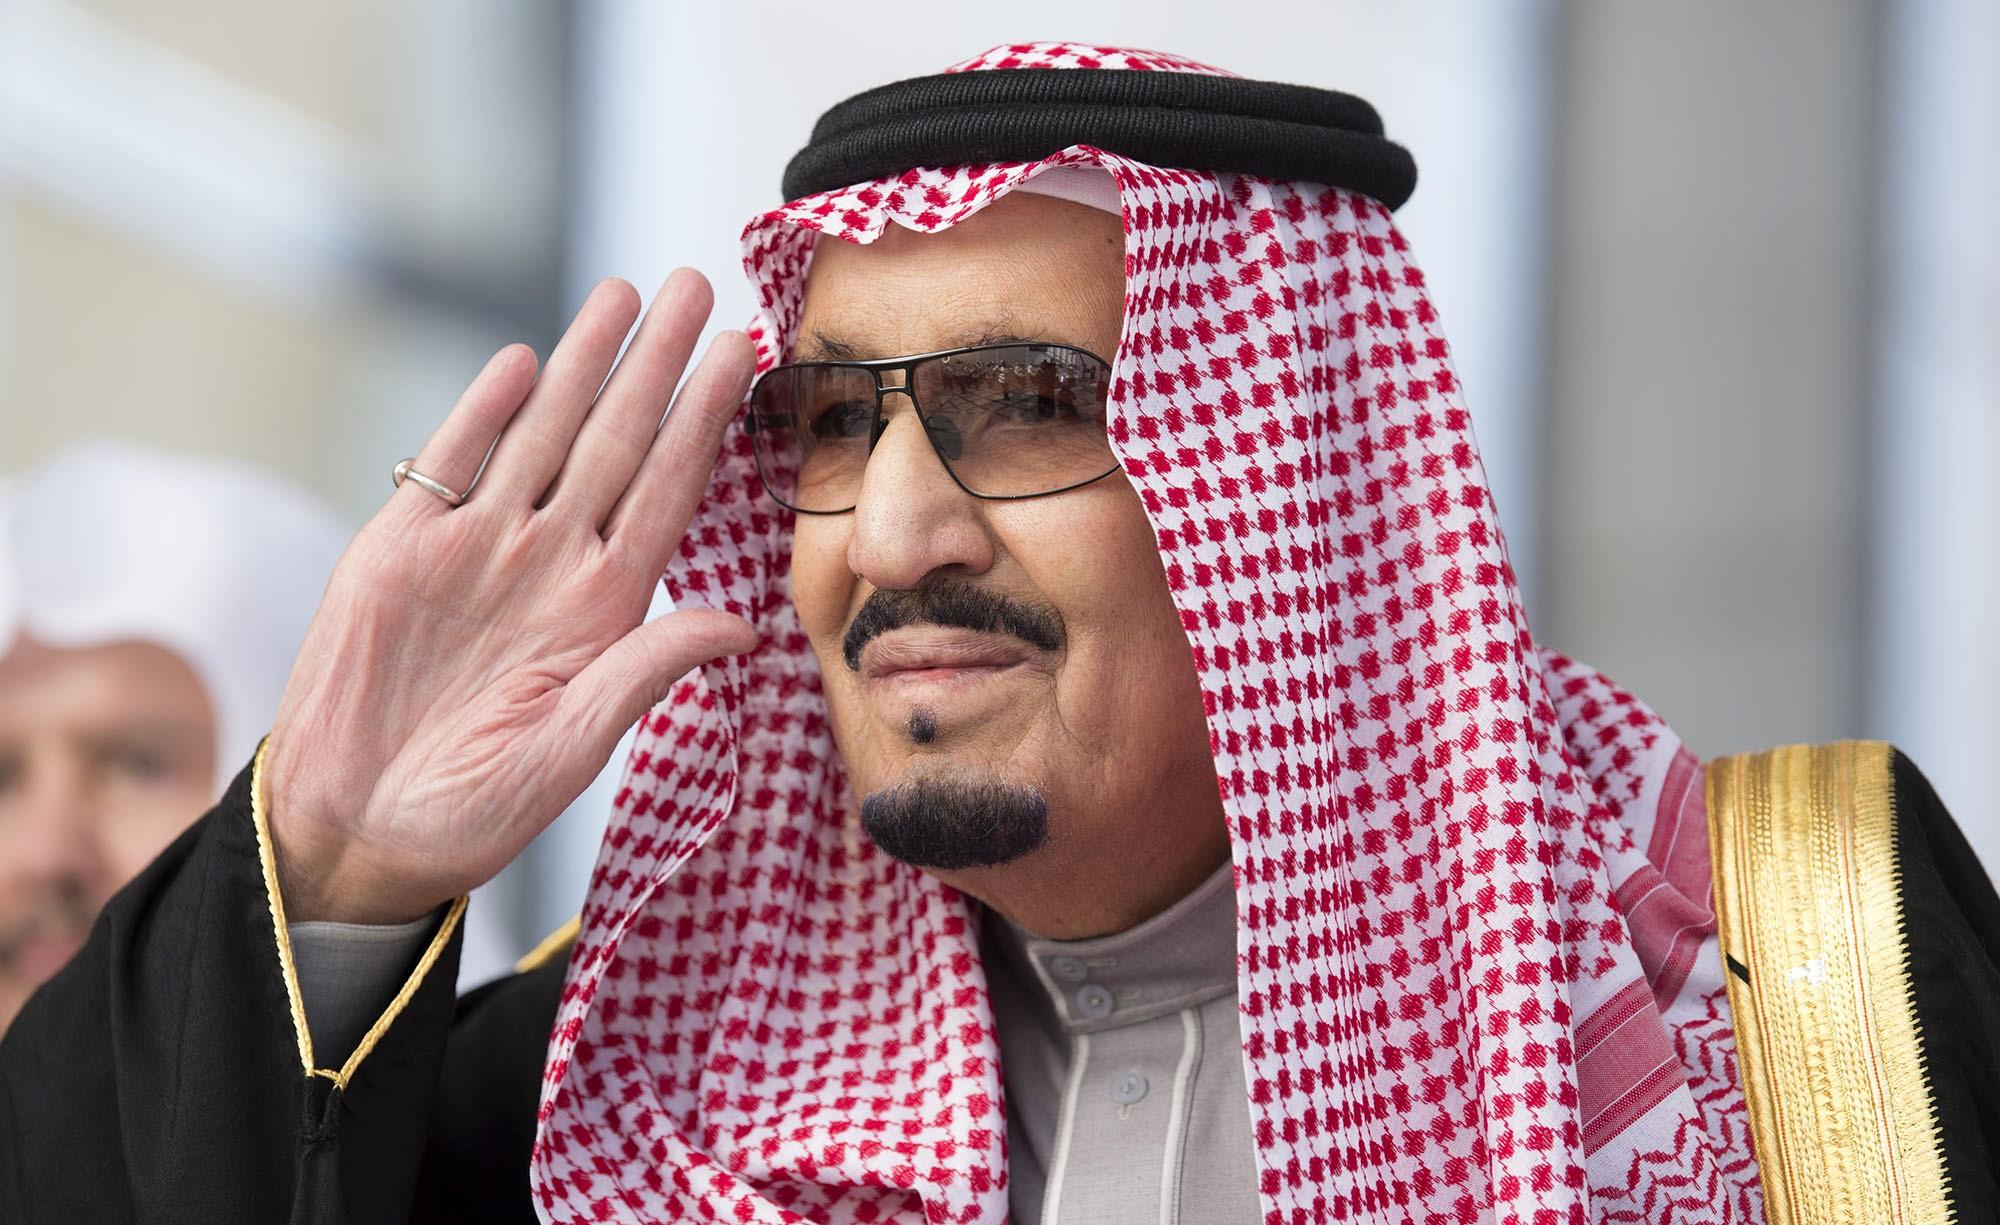 Egy vitában agyonlőtték a szaúdi király egyik testőrét